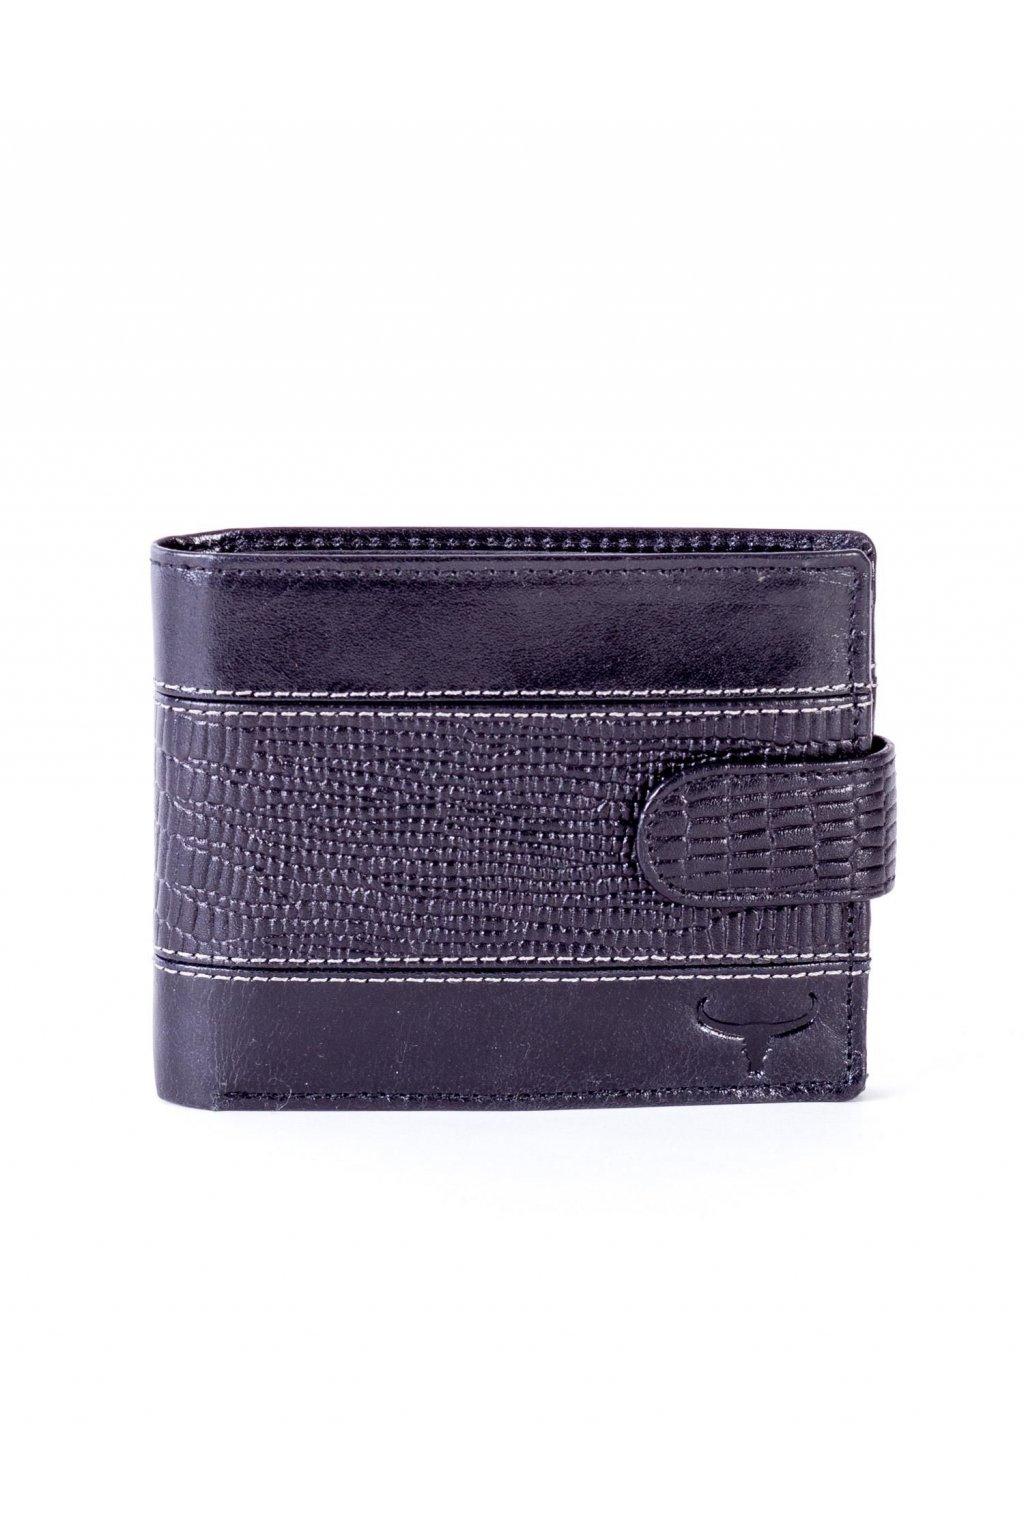 Pánska peňaženka kód CE-PR-N992L-VTC.68